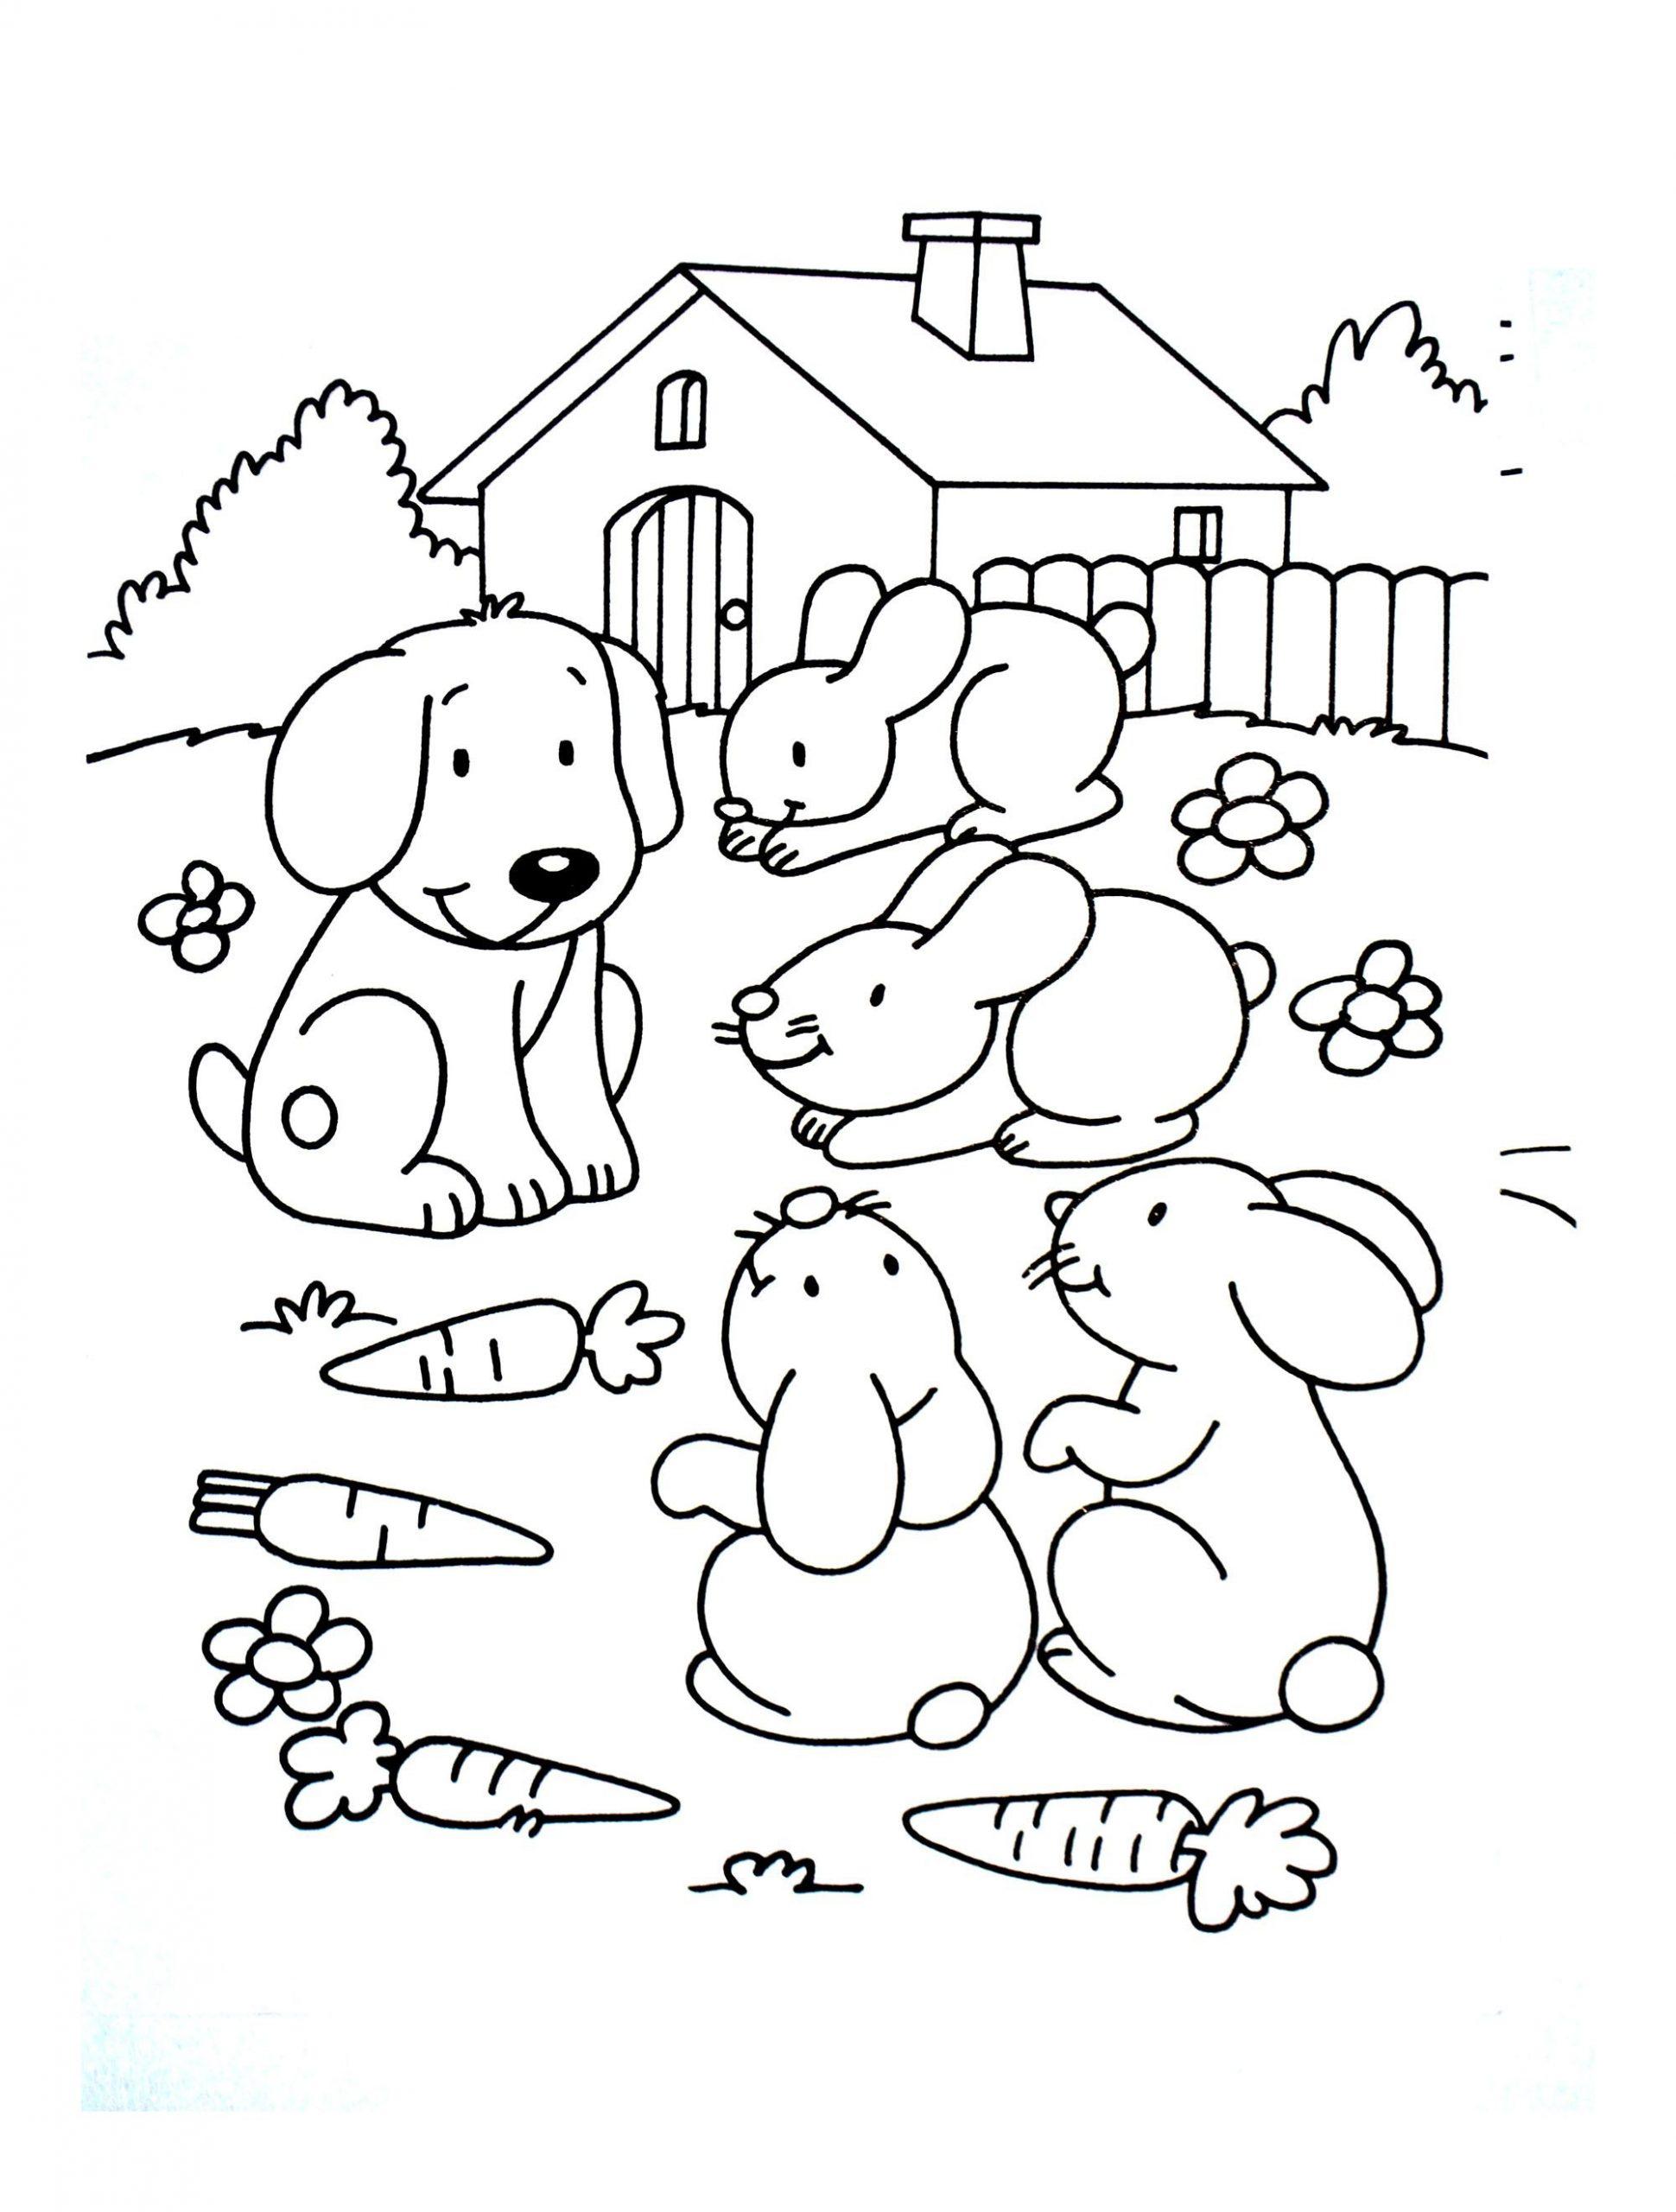 Pour Imprimer Ce Coloriage Gratuit «Coloriage-A-Imprimer dedans Animaux De La Ferme A Imprimer